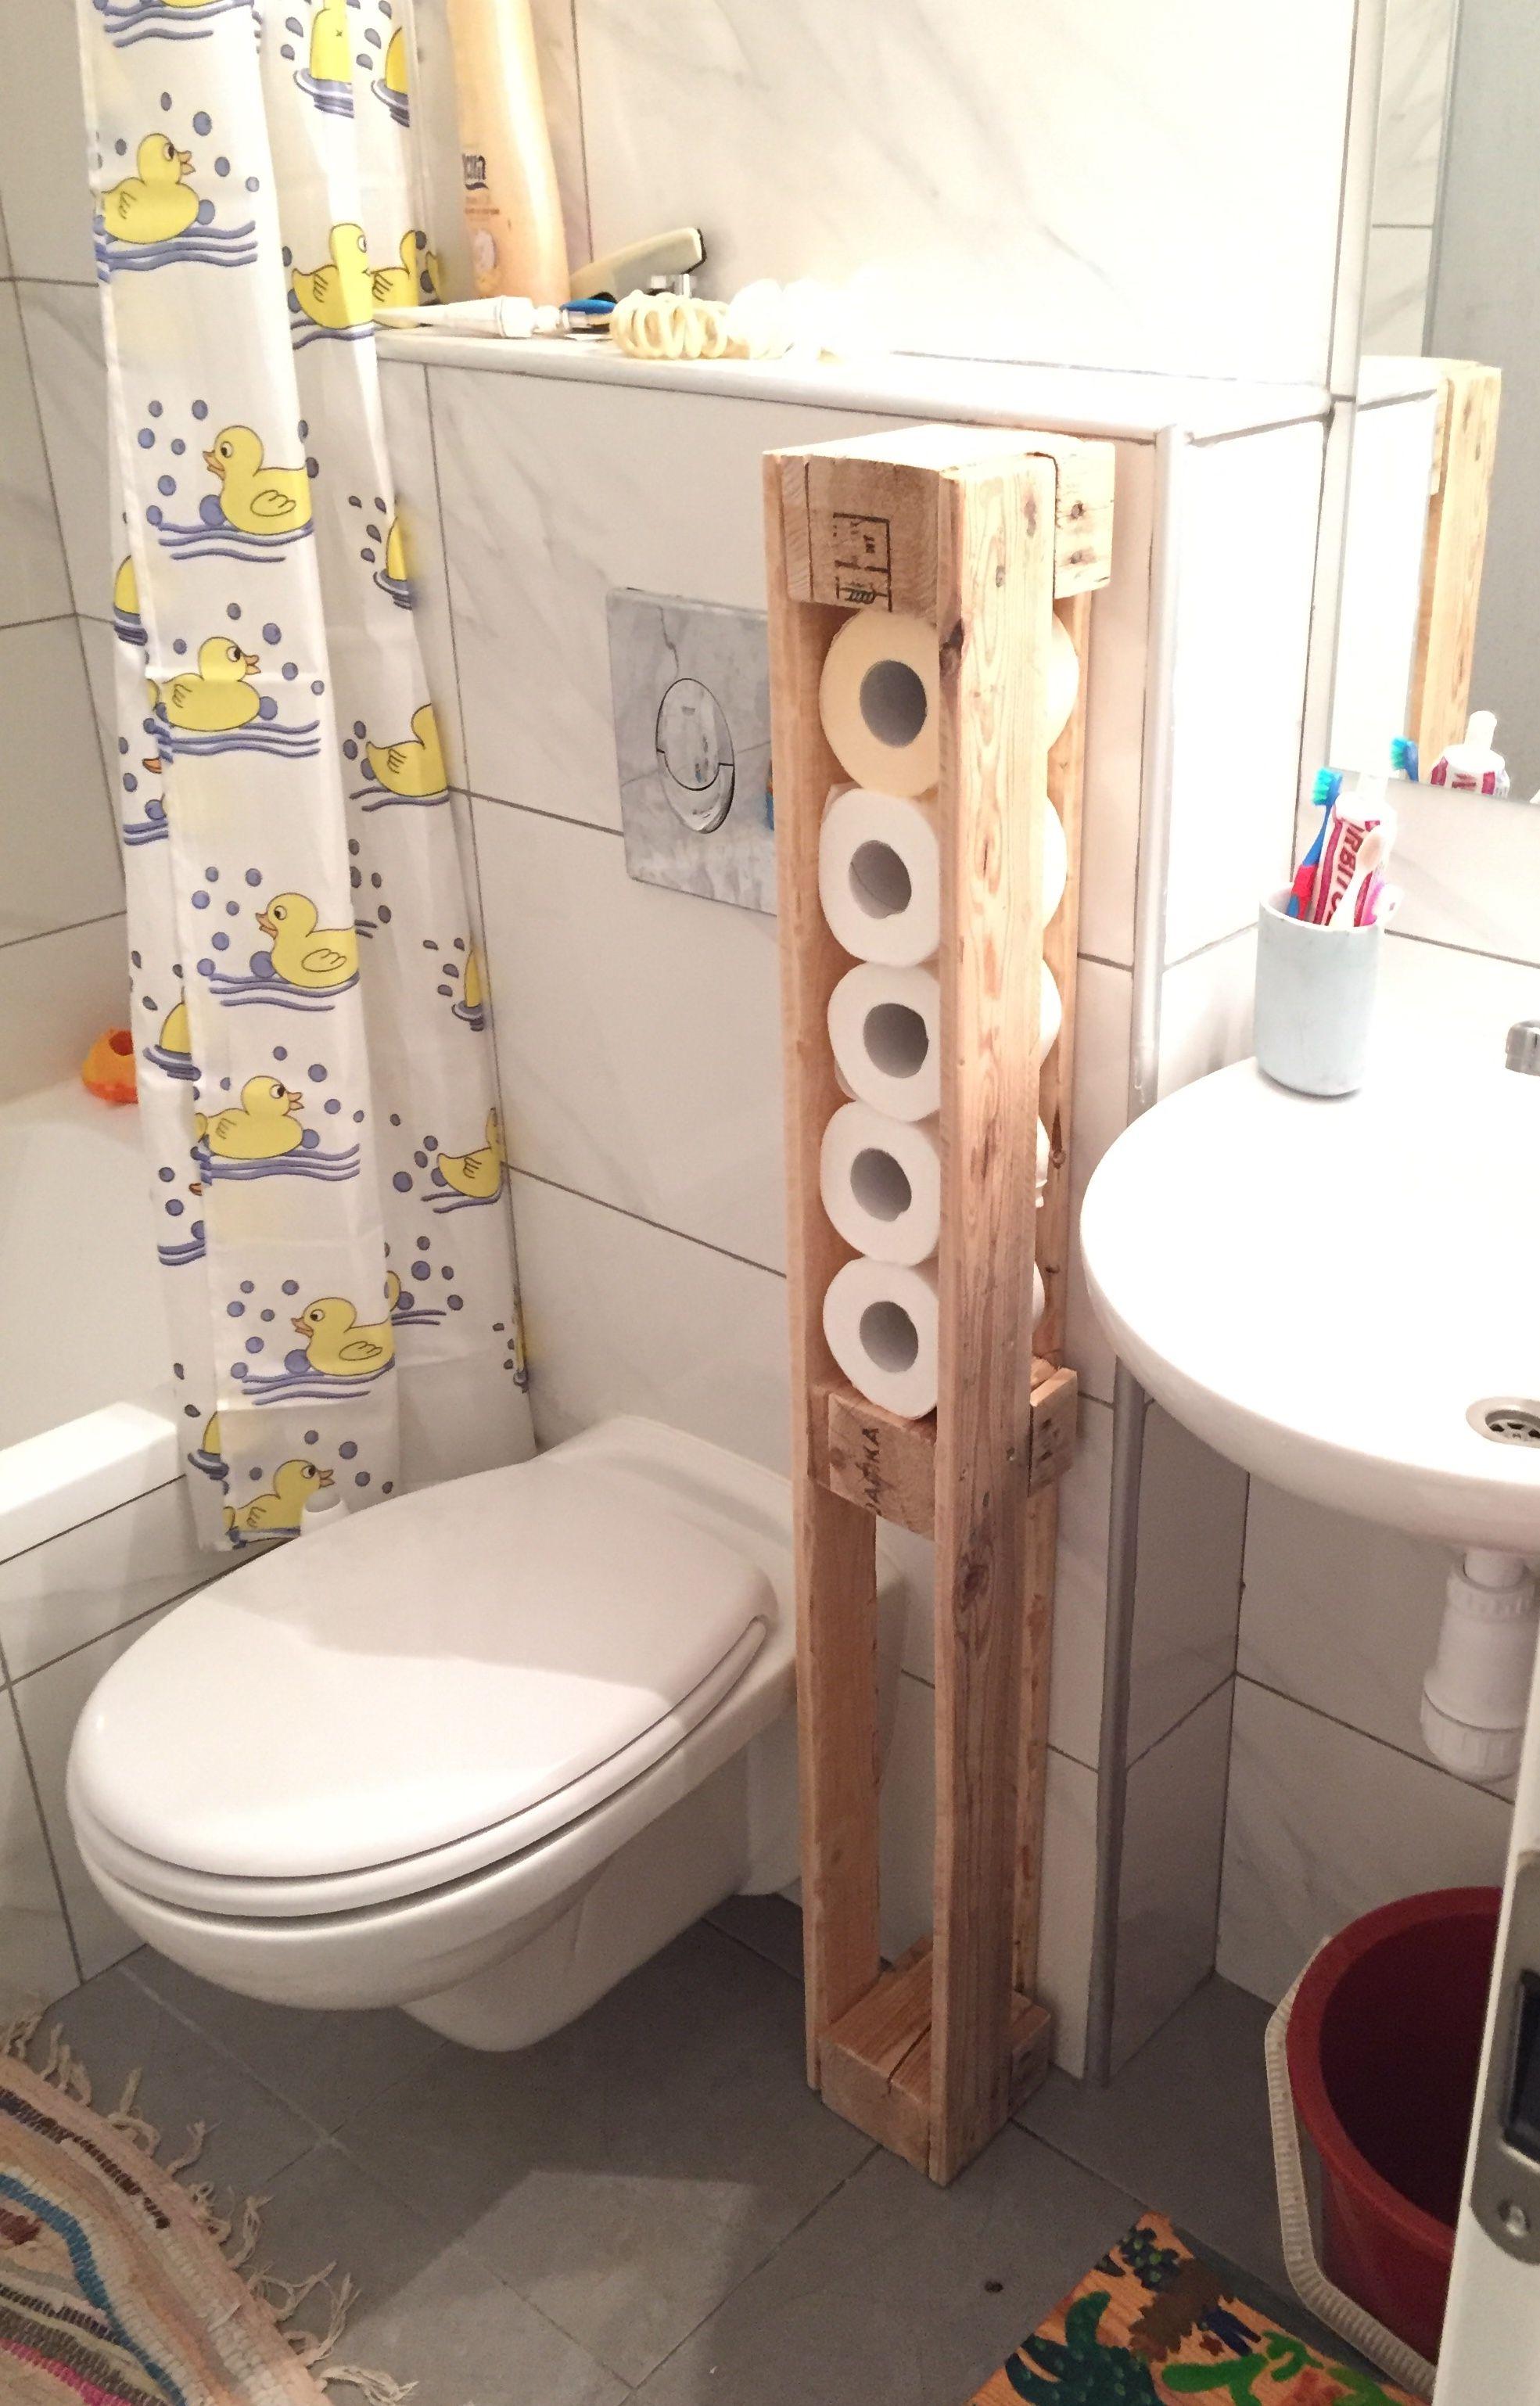 Pallet Toilet Paper Holder Bathroom Shelf Bathroom Shelves Diy Toilet Paper Holder Pallet Bathroom Shelf